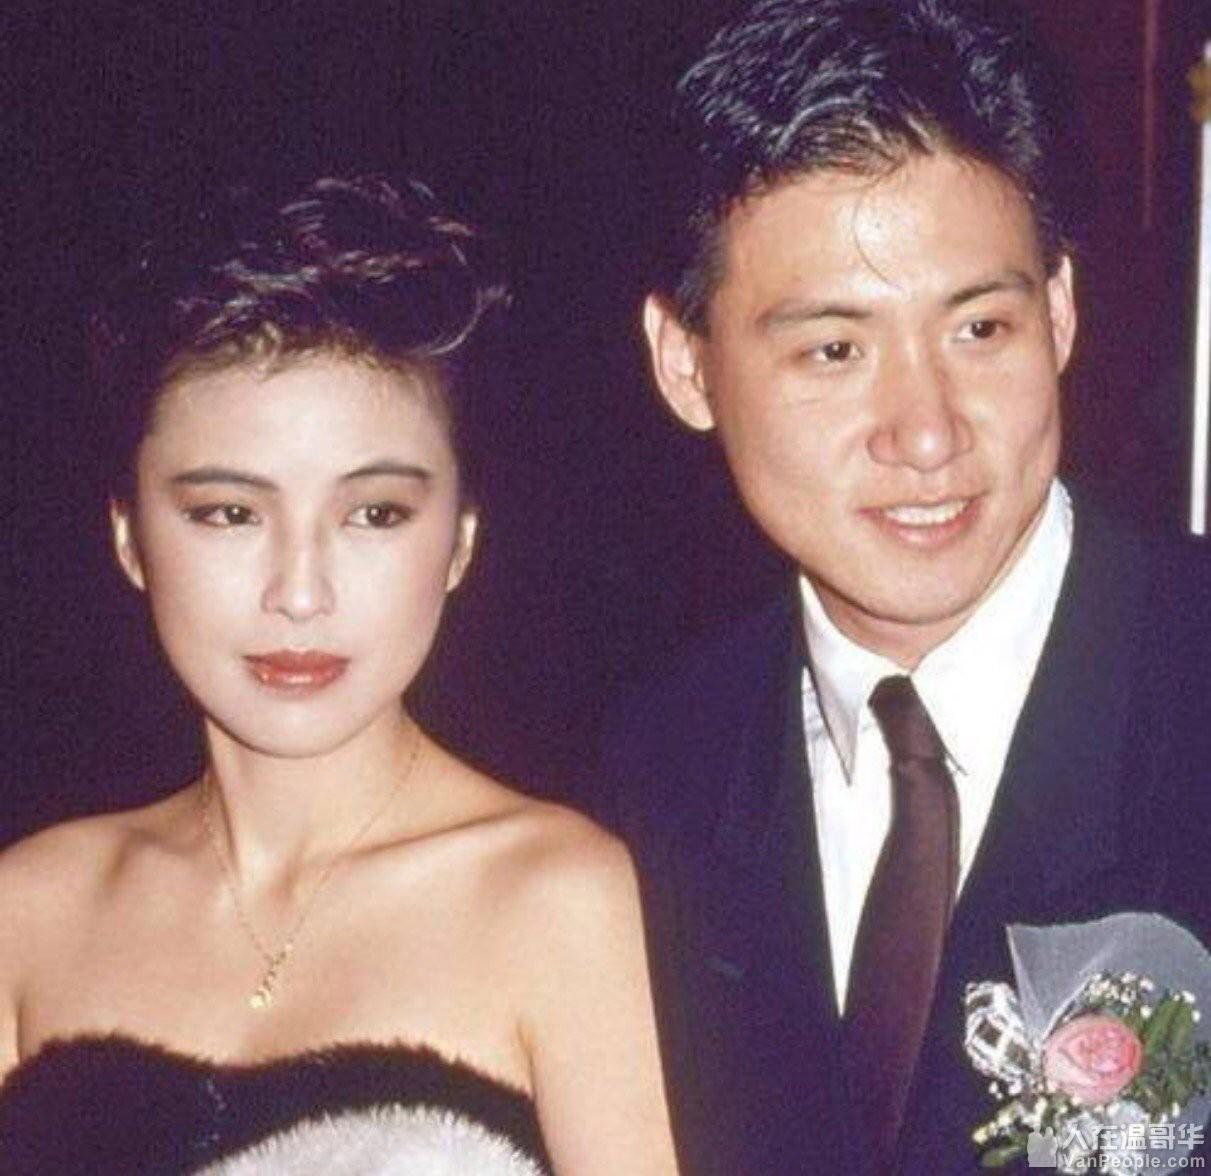 Cuộc hôn nhân tròn đầy hơn 30 năm của Thiên vương Hong Kong Trương Học Hữu: Bà xã đẹp ngang ngửa Trương Mạn Ngọc, hi sinh cả sự nghiệp vì chồng con-5